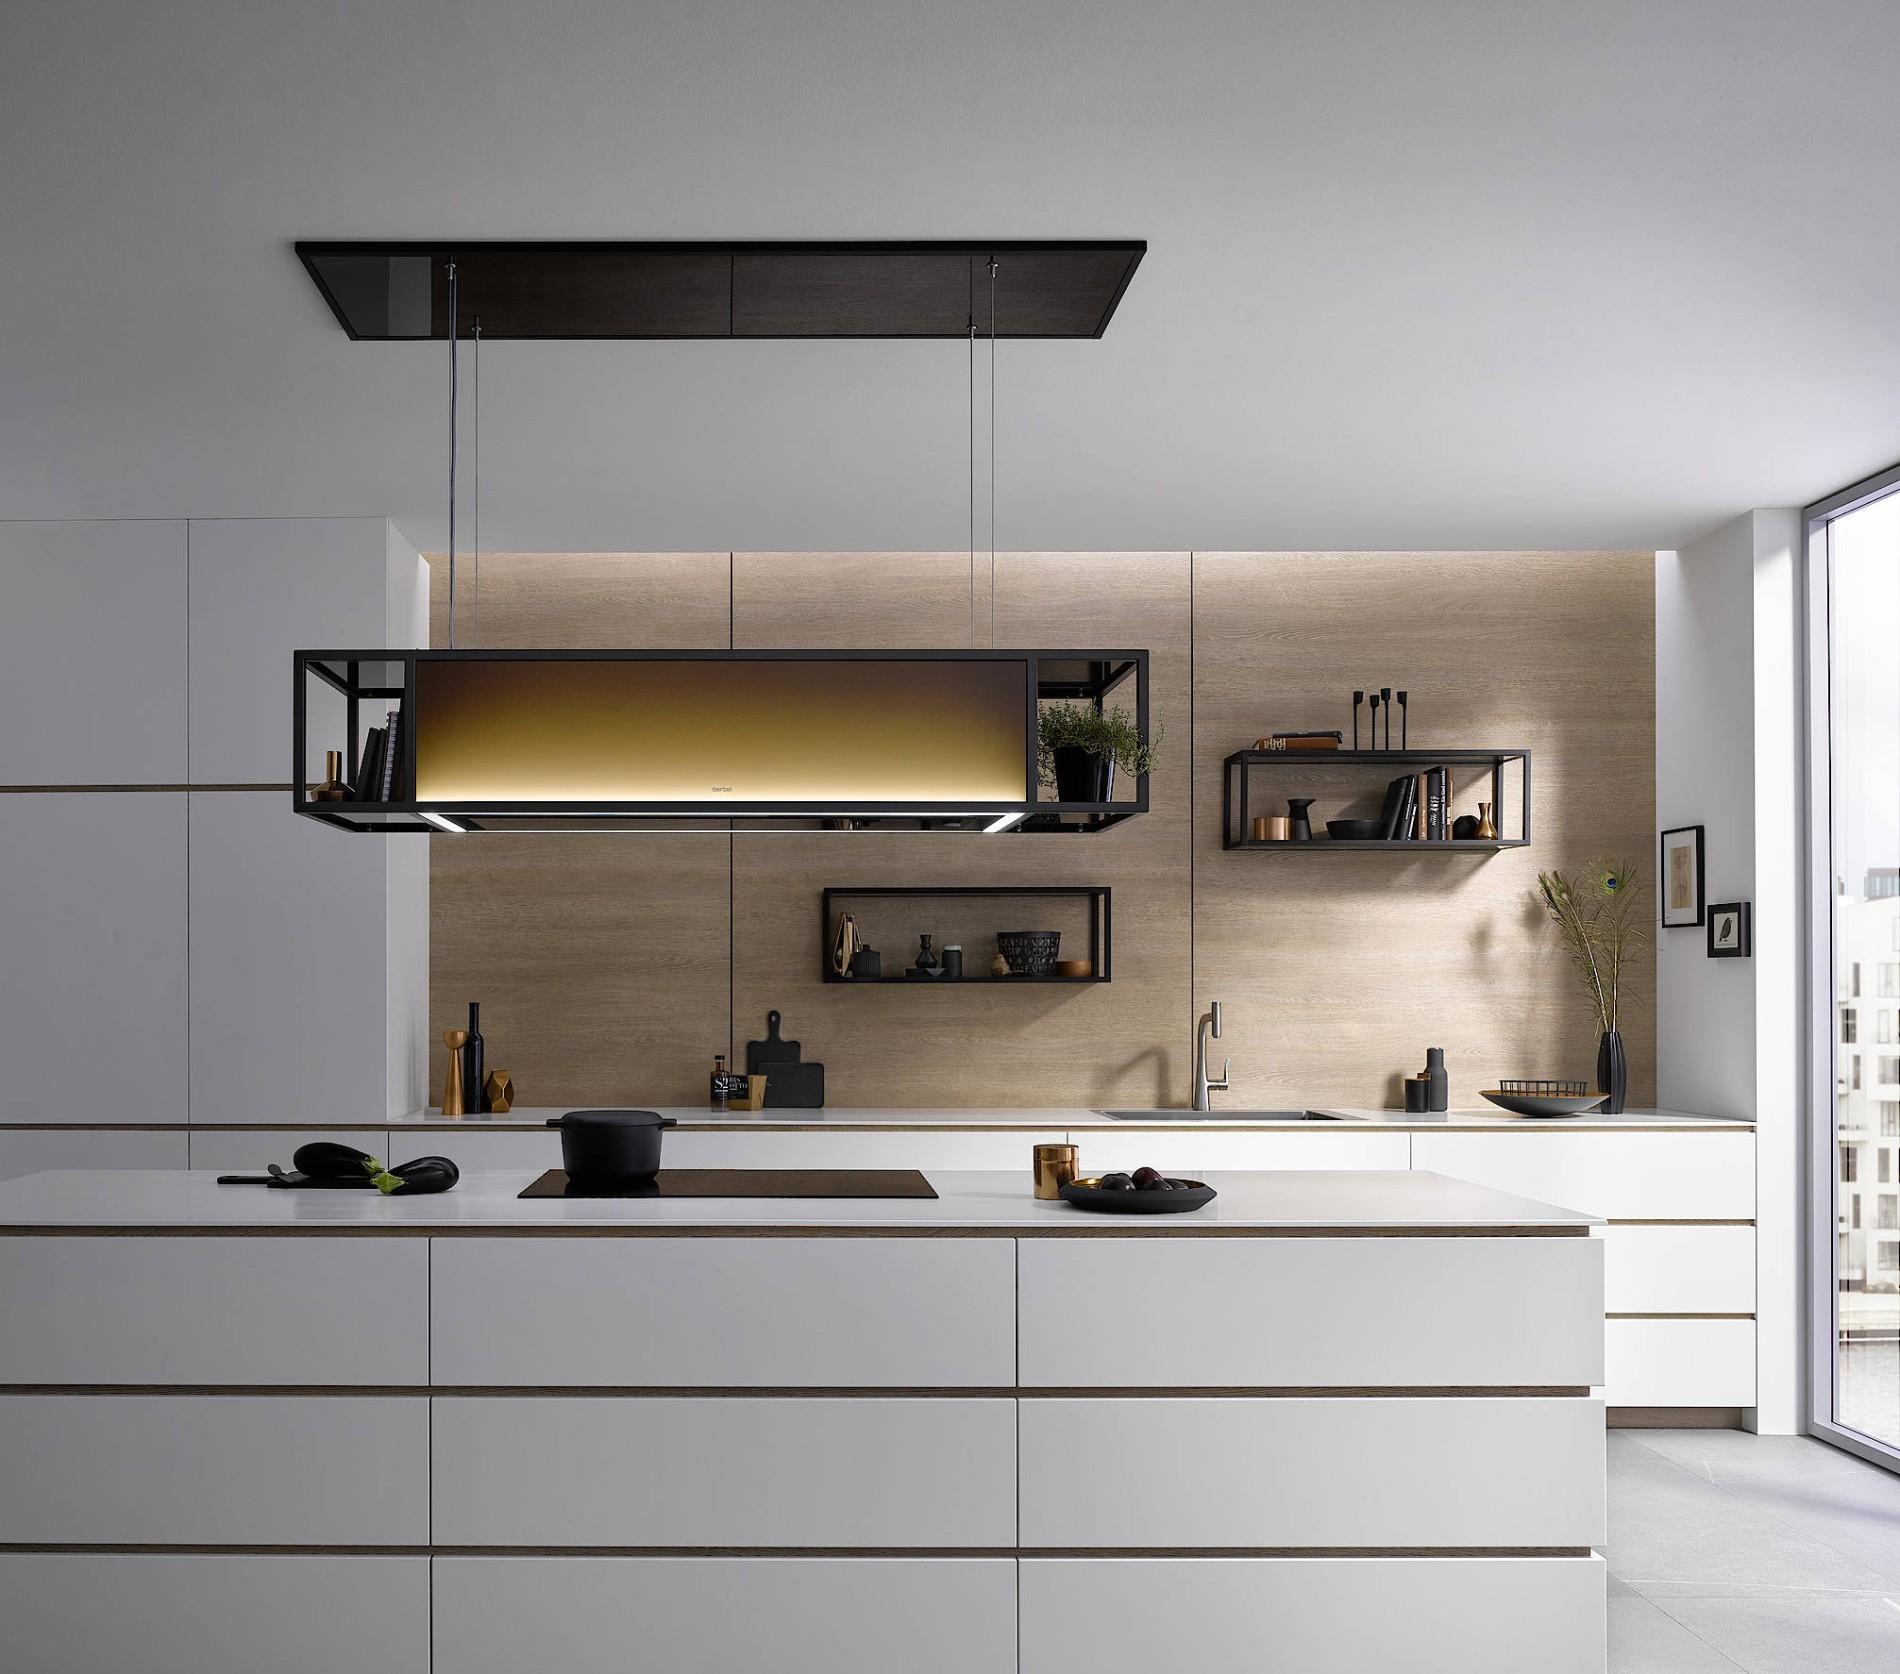 Living Kitchen in Köln zeigt die neusten Küchentrends 15